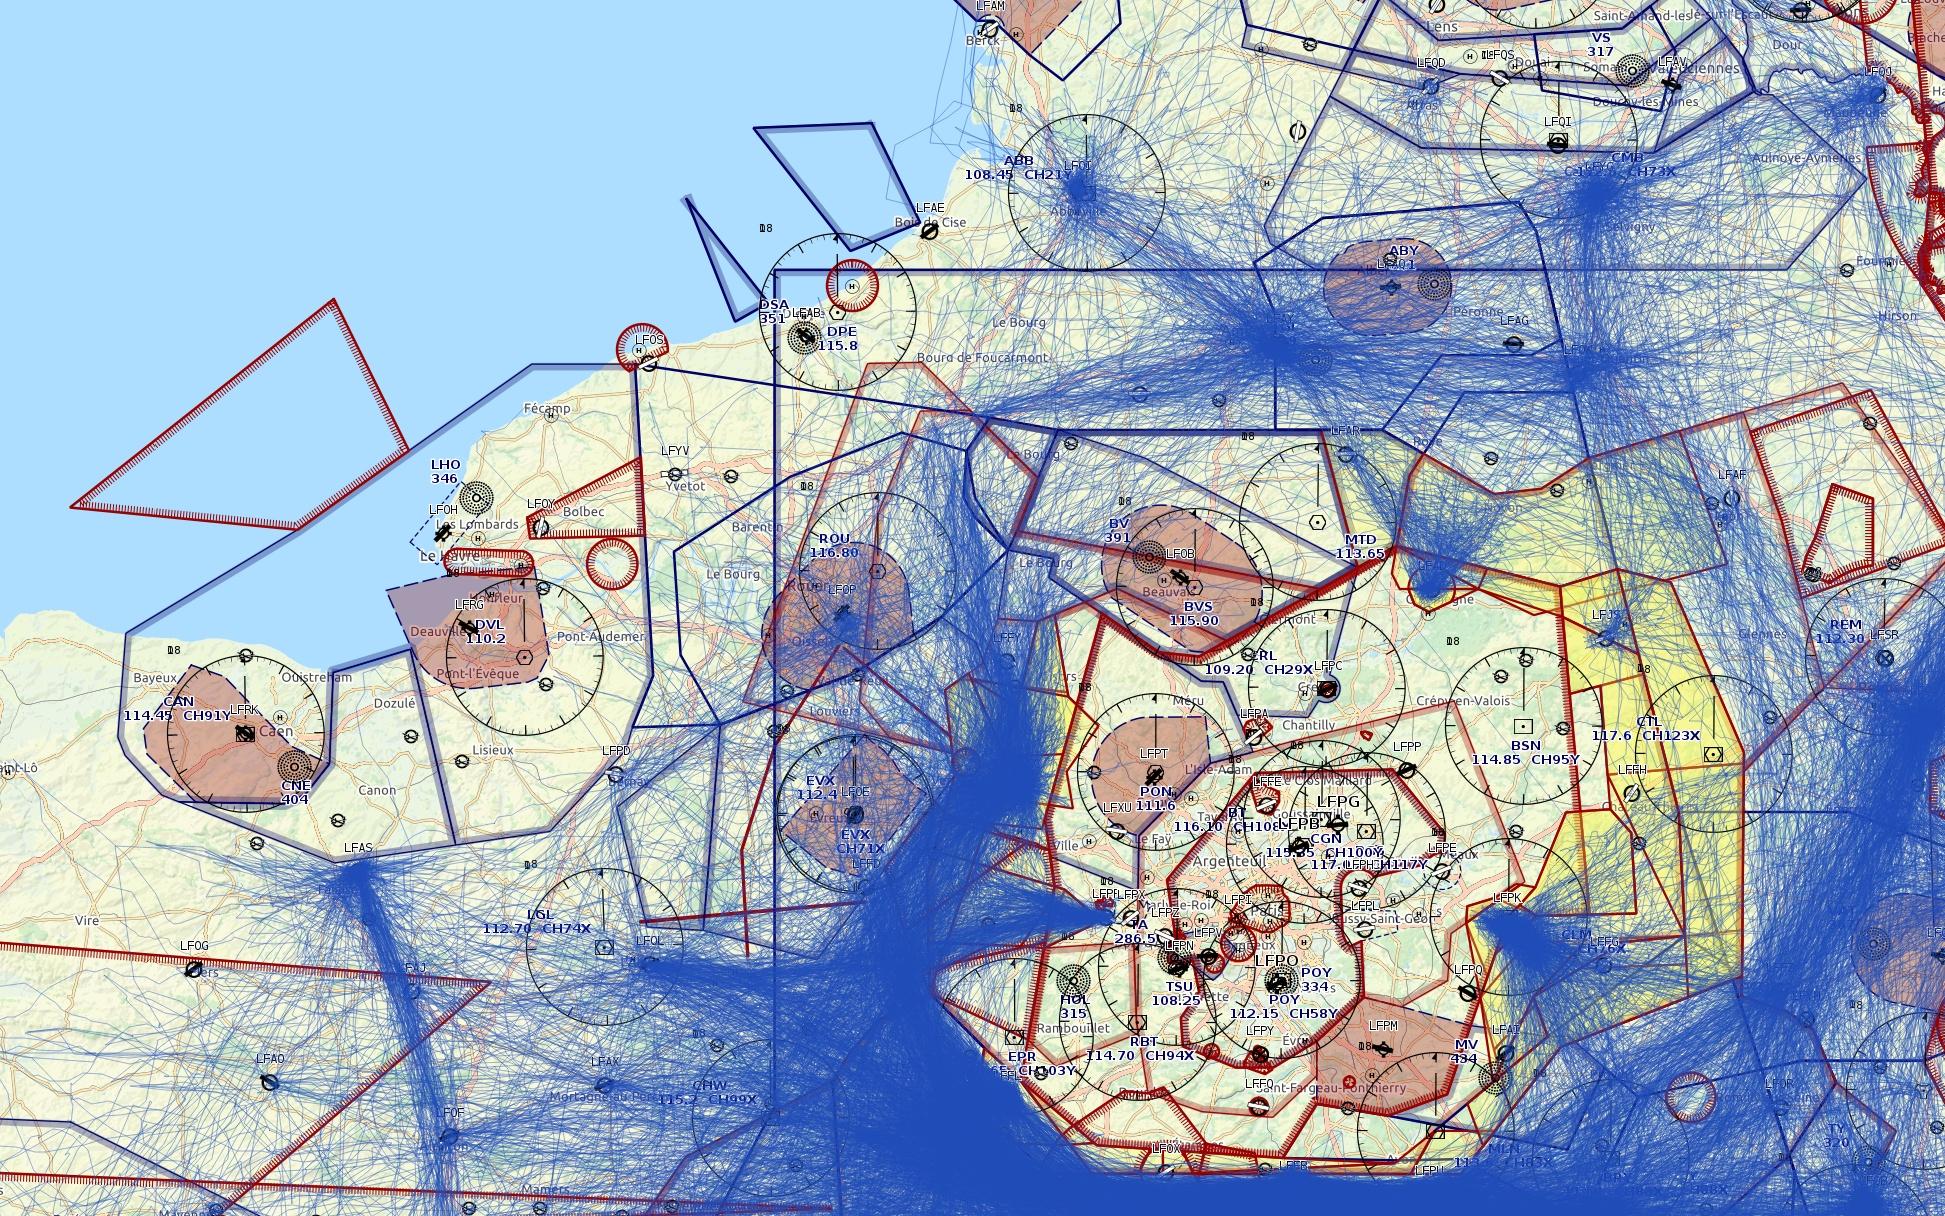 201119-07.jpg